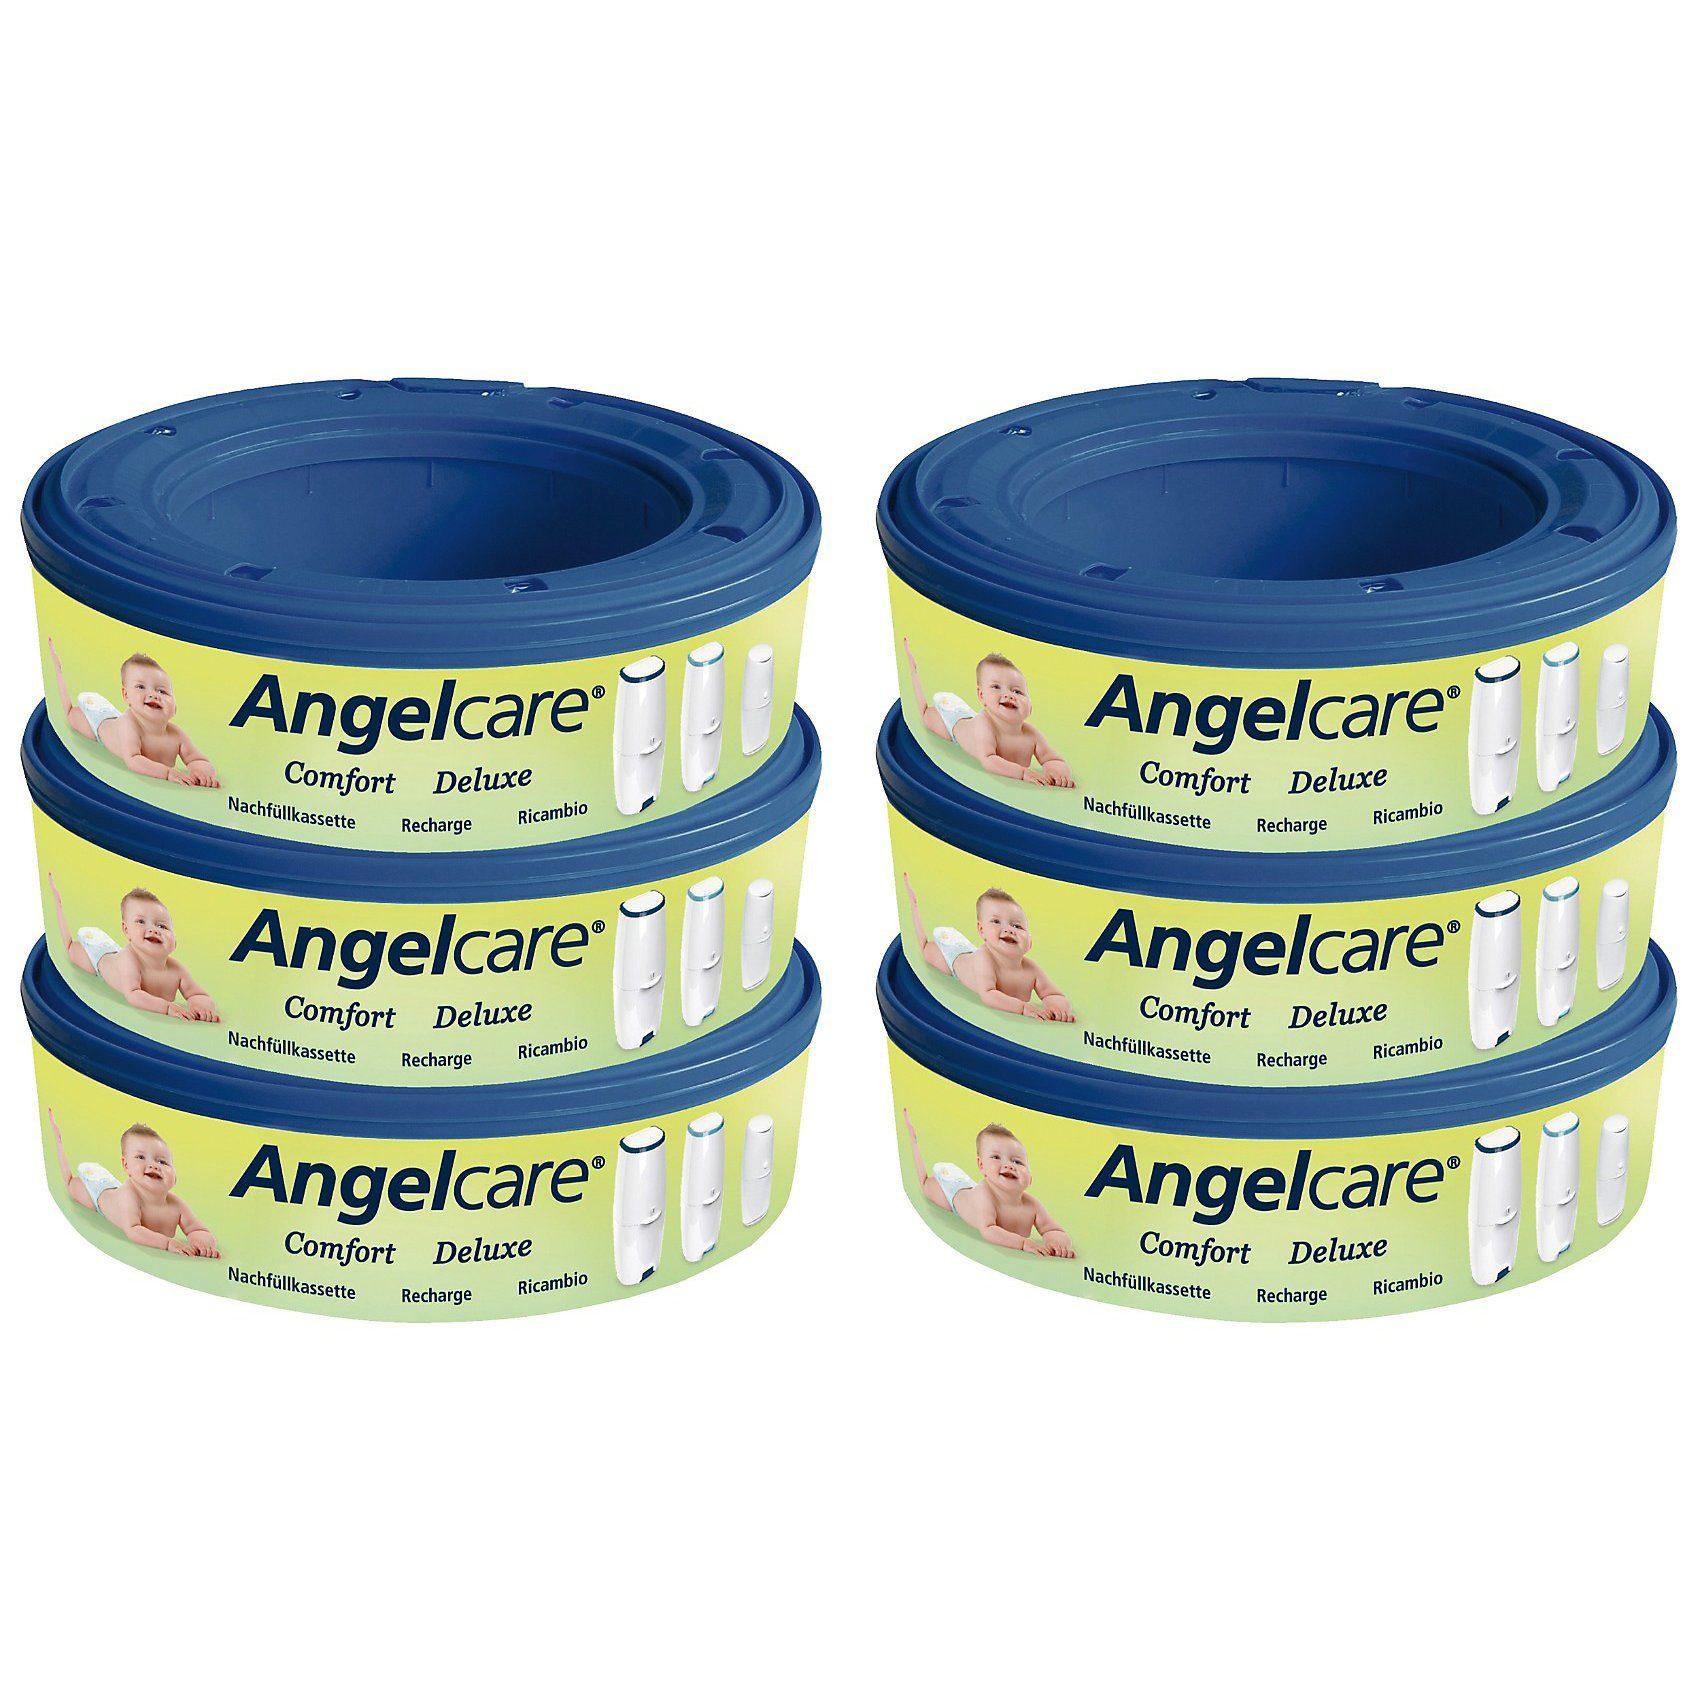 Angelcare Nachfüllkassette für ® Windeleimer, 6er Packung